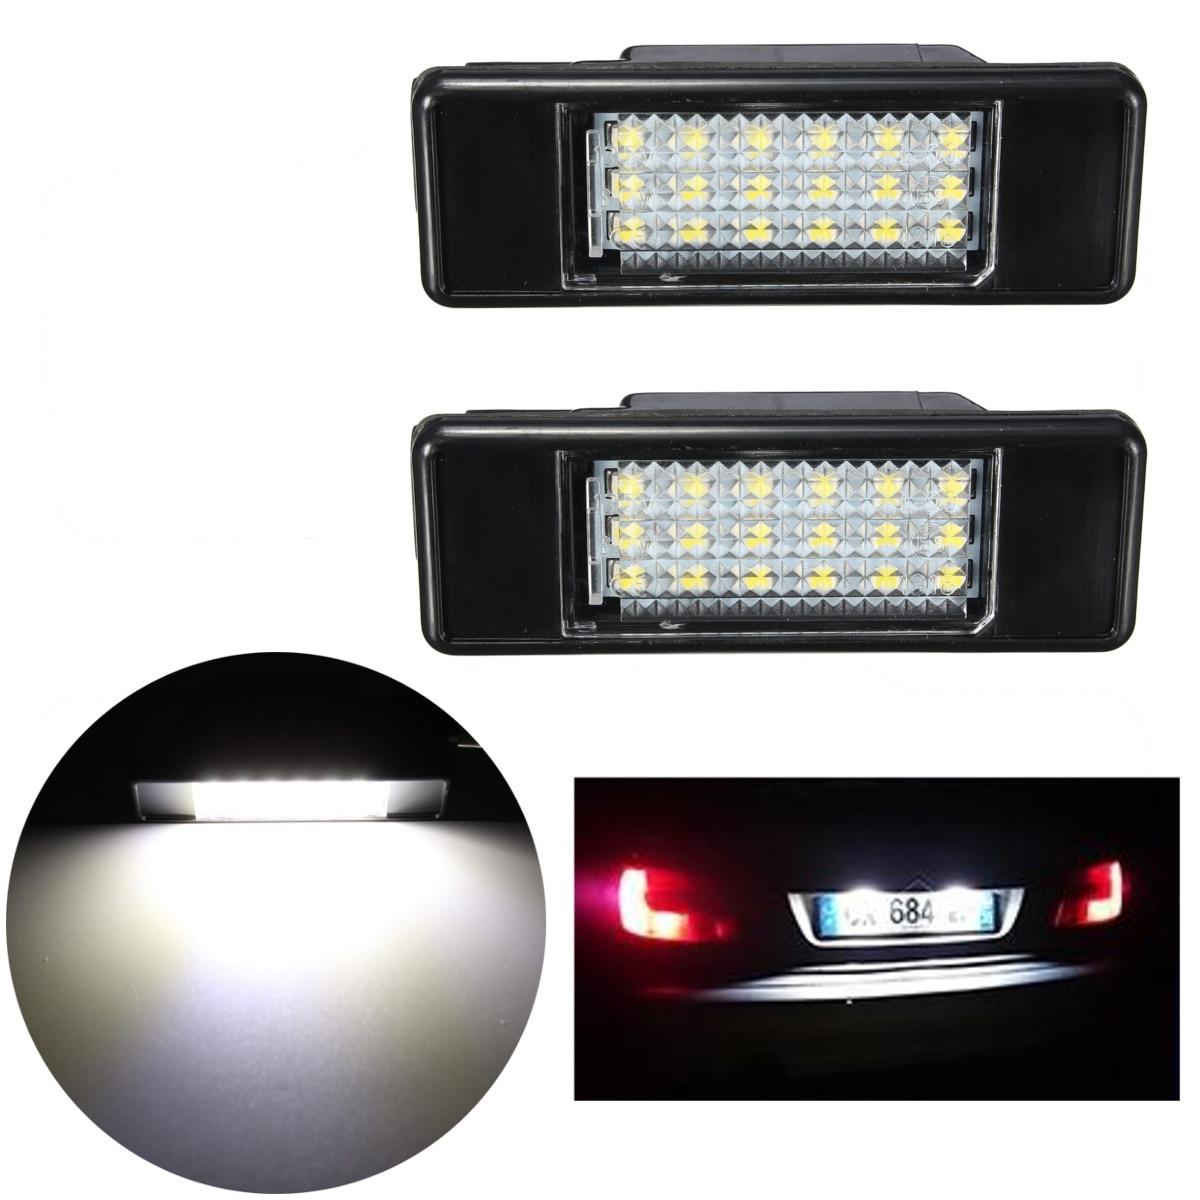 2x заднего 18 светодиодный SMD номерной знак светильник 6000K для Peugeot 106 207 307 308 406 407 508 для CITROEN C3 C4 C5 C6 C8